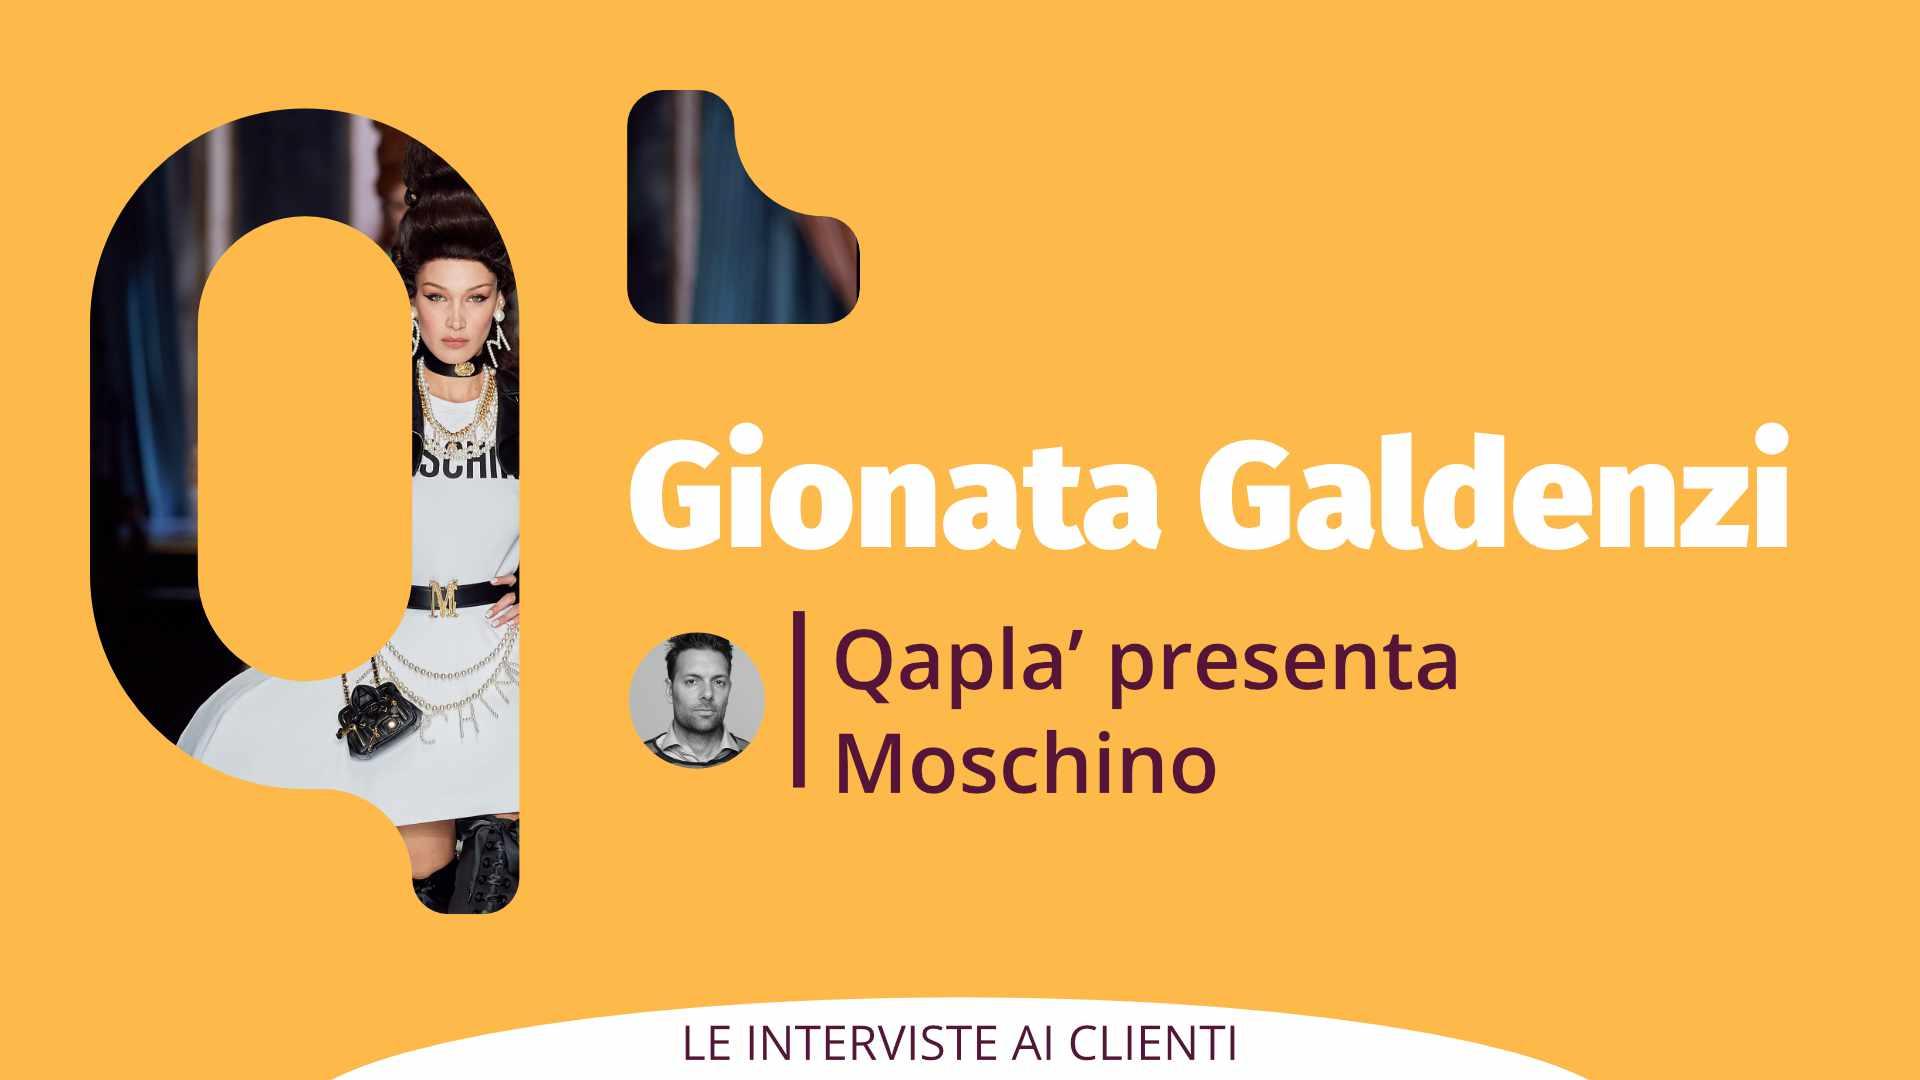 Qapla' presenta Moschino: Intervista a Gionata Galdenzi